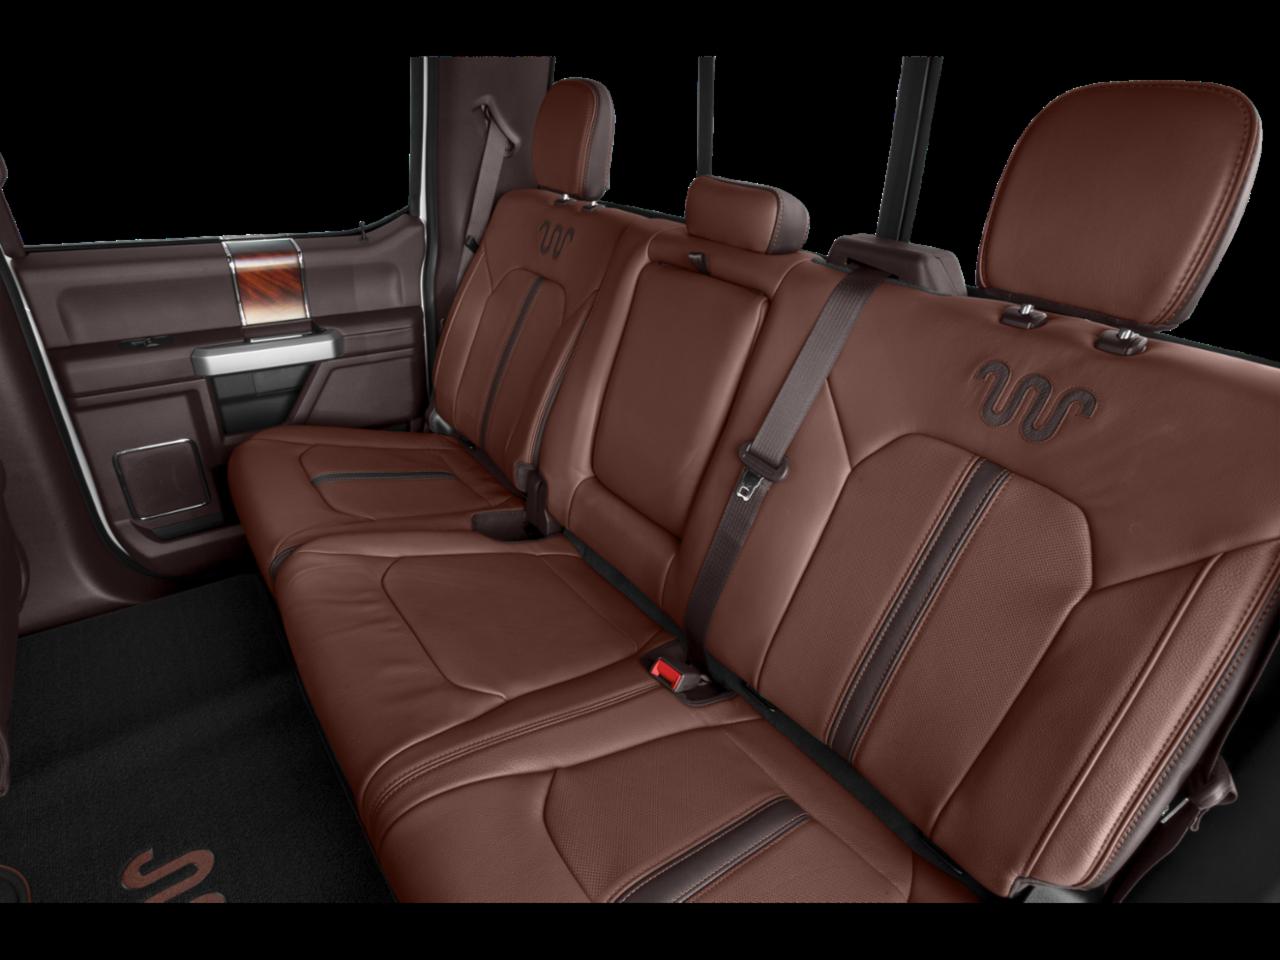 2021 Ford Super Duty F-350 SRW